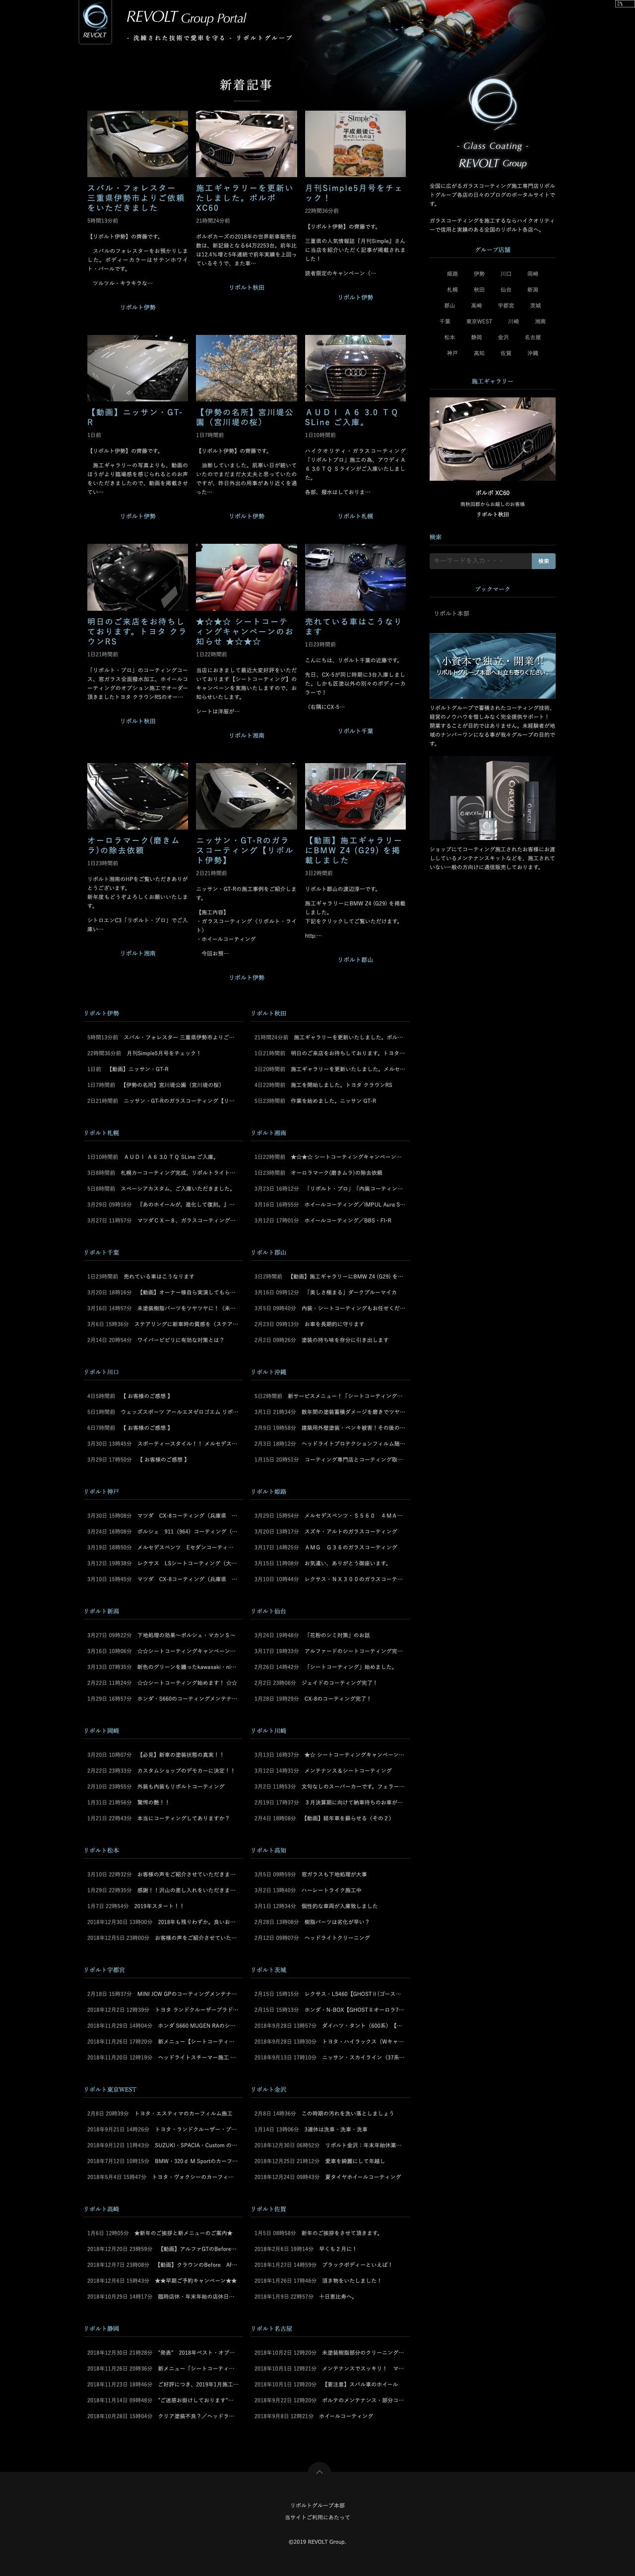 revolt-group-portal_a.jpg